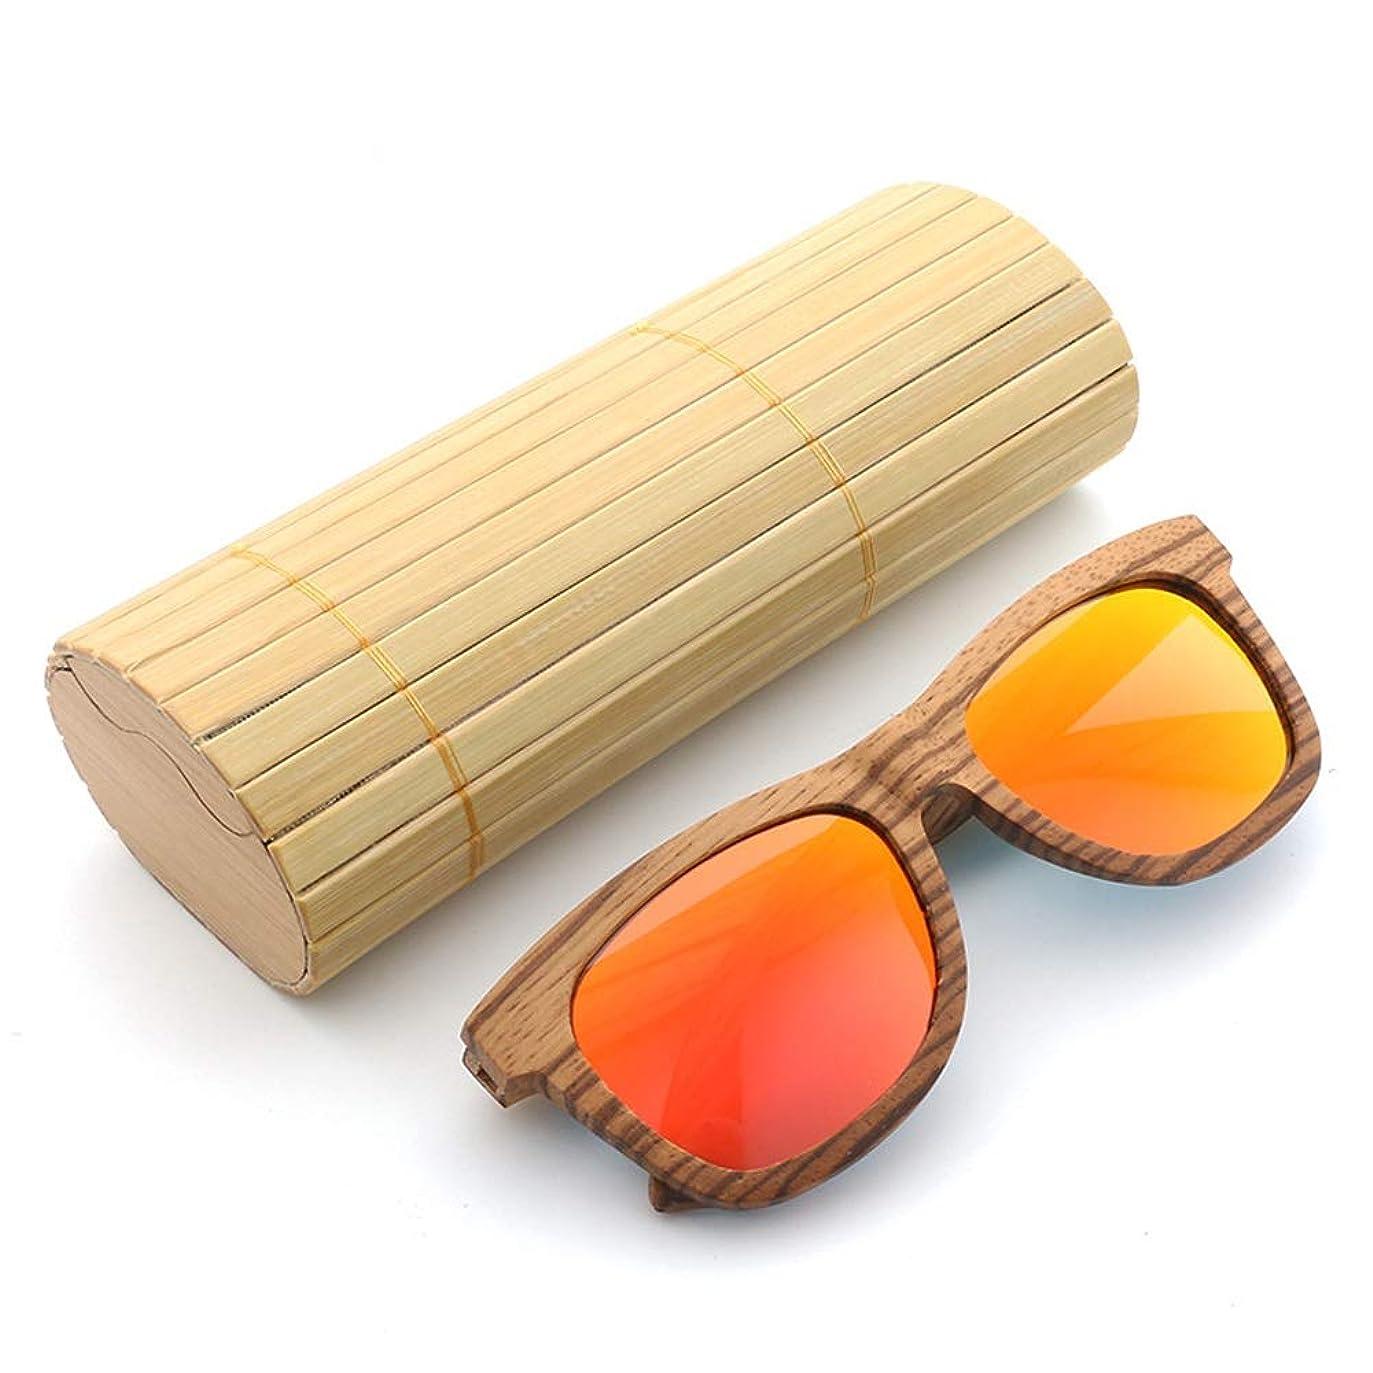 公園酸化物トロイの木馬DYQYQDJP スポーツサングラス 男性向け UV 400 軽量 耐久 自転車 ゴルフ 野球 スキー 釣り ランニング サングラス 運転用メガネ (Color : レッド, Size : フリー)